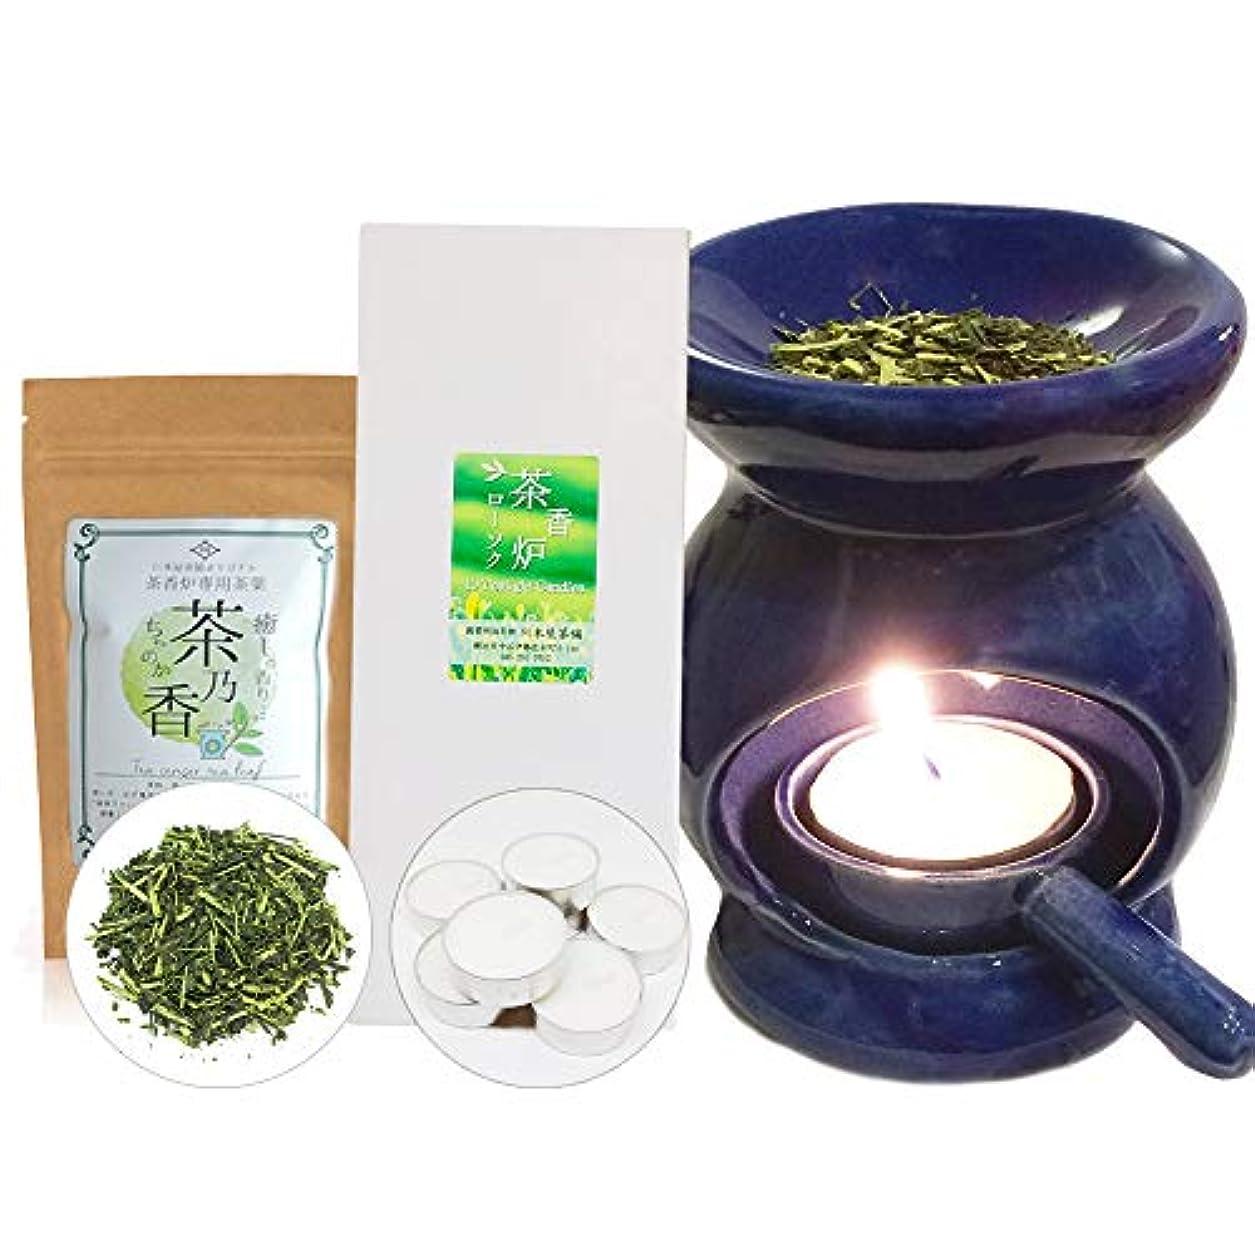 サイドボードドア揃える川本屋茶舗 はじめての茶香炉セット (茶香炉専用茶葉?ローソク付) 届いてすぐ始められる?